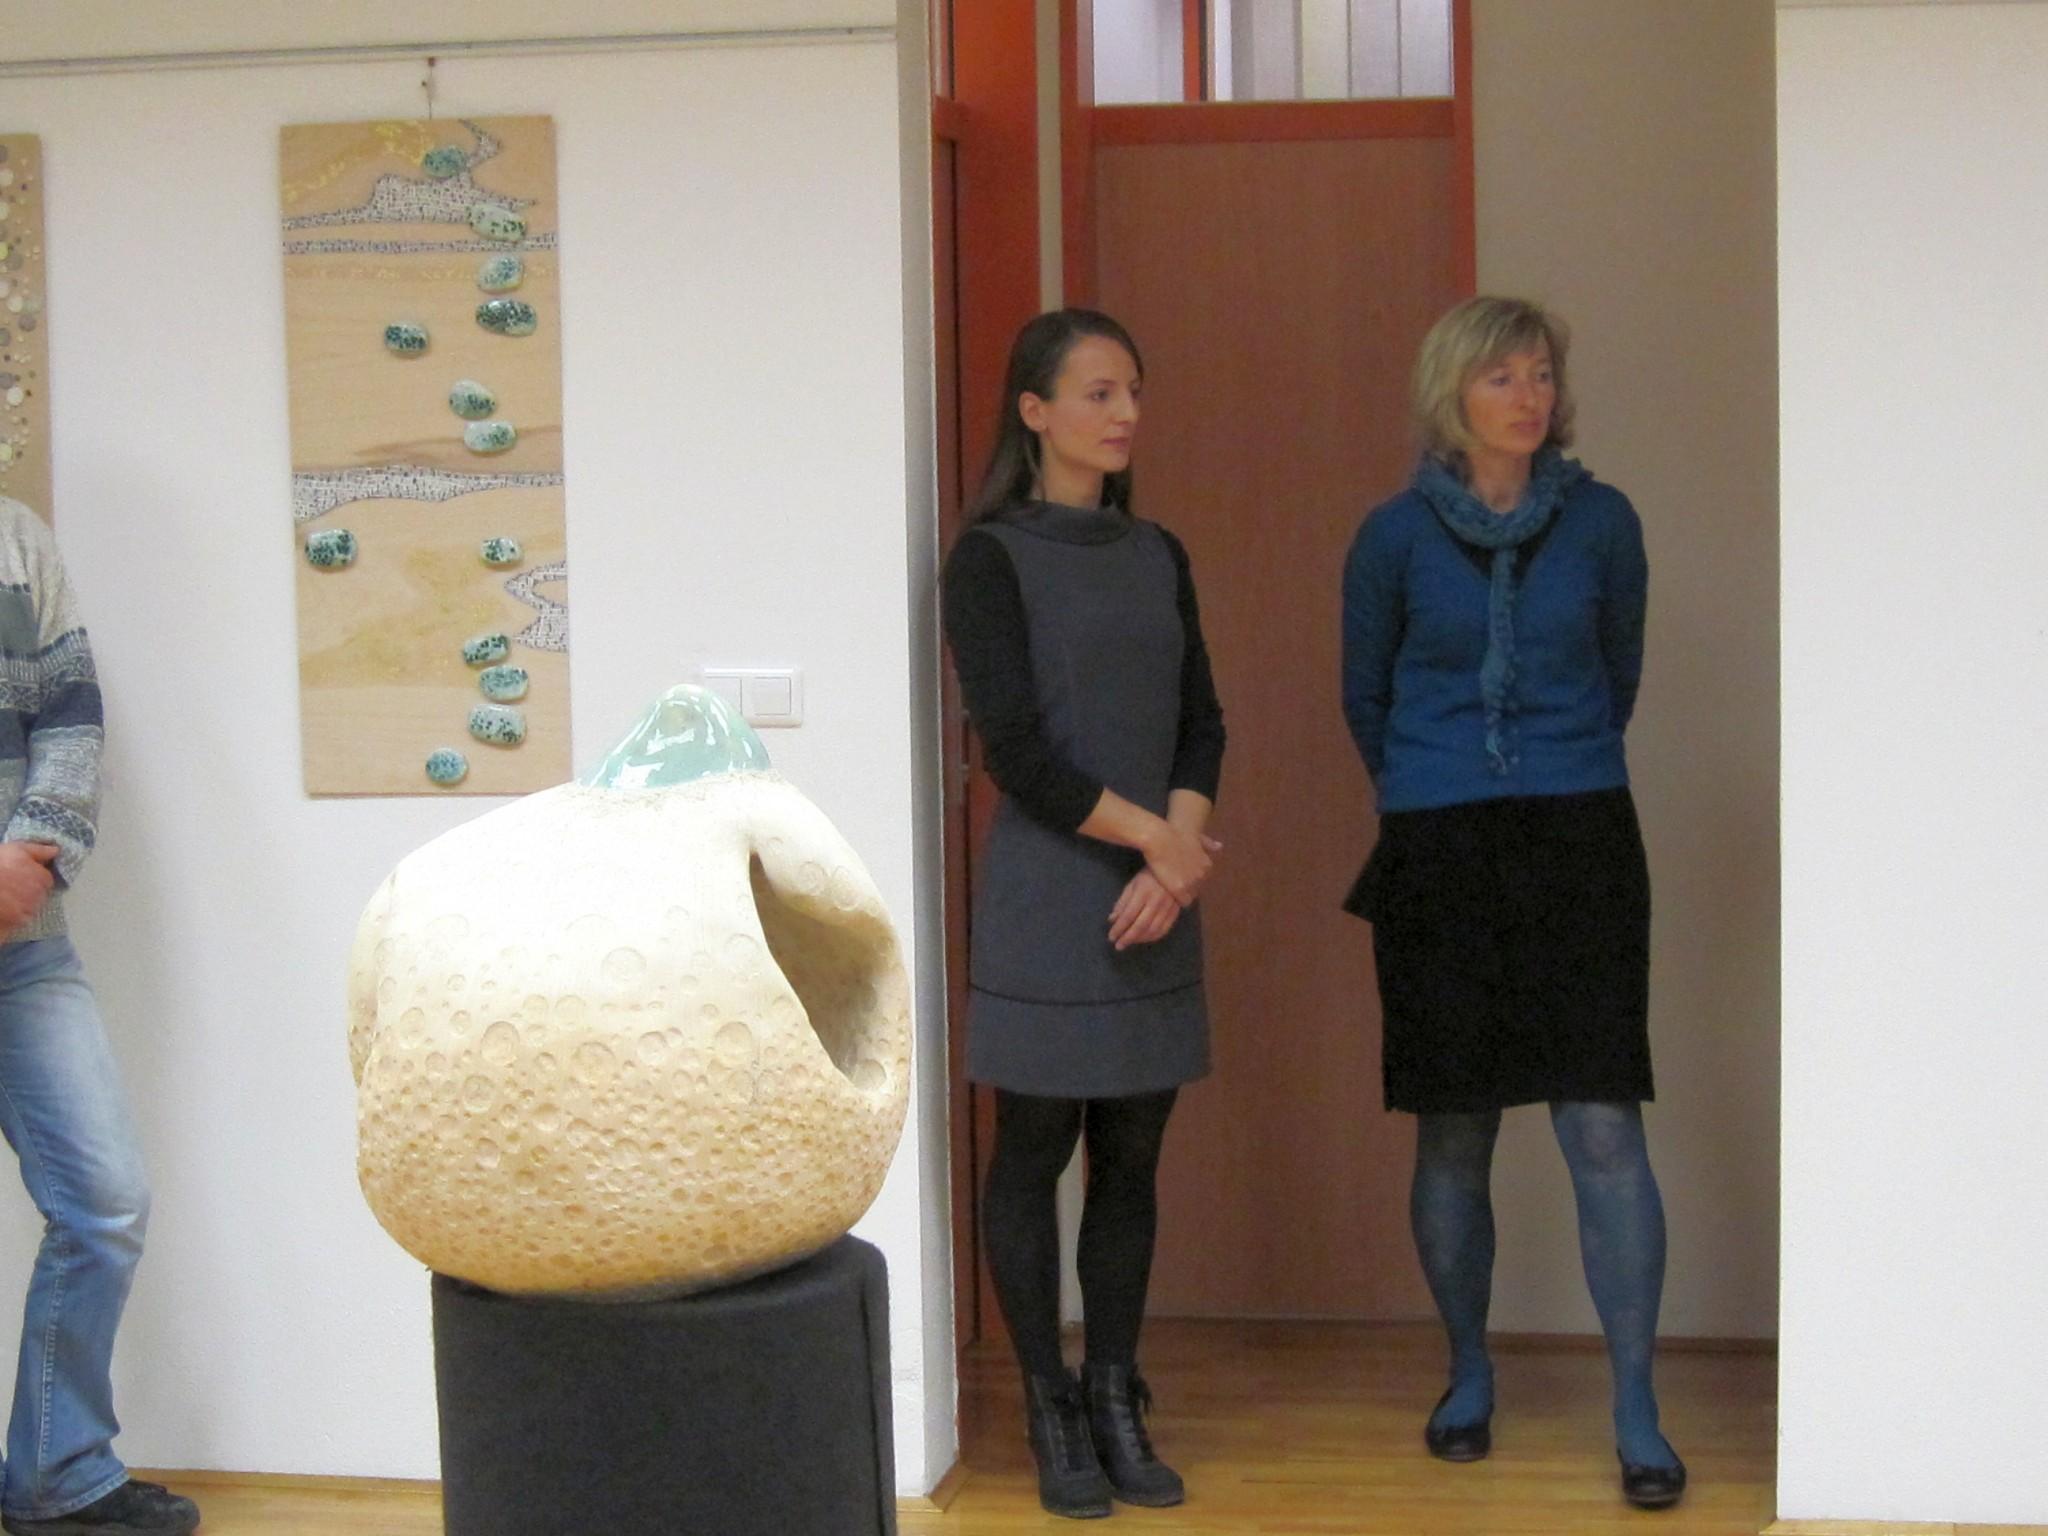 IMG 2240 - Anja Lautar - kiparska razstava